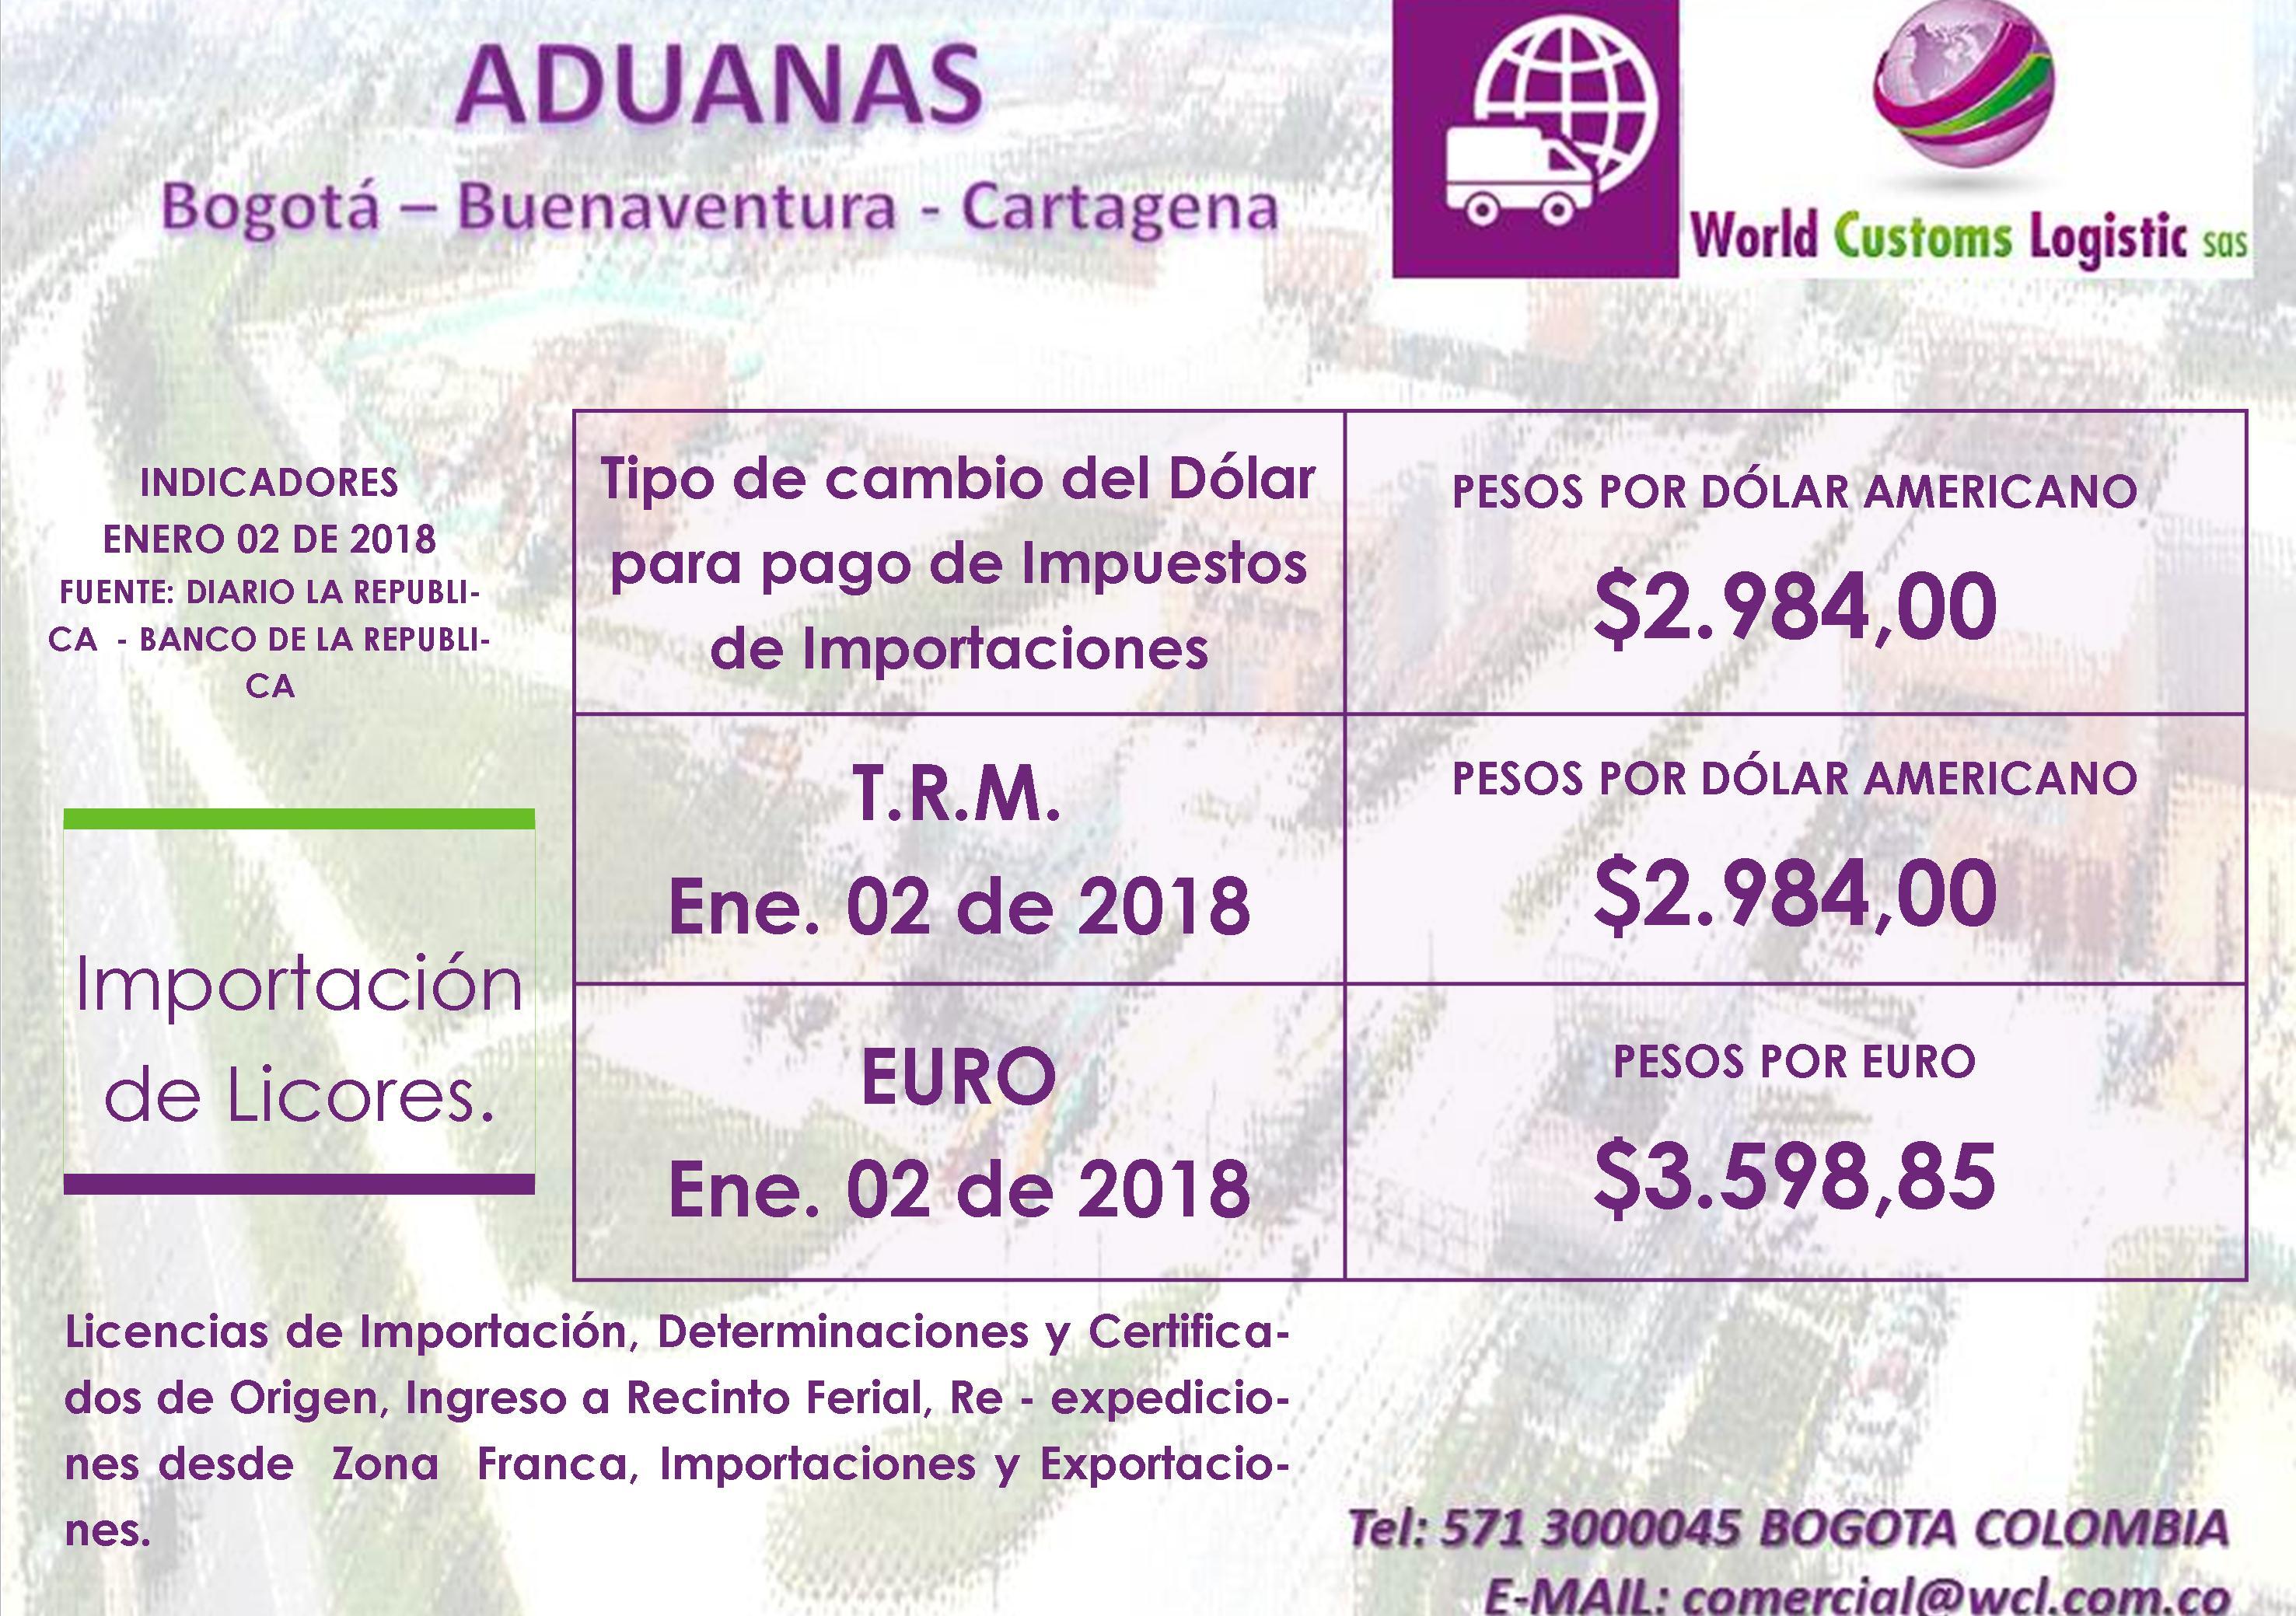 INDICADORES ENERO 02 2018